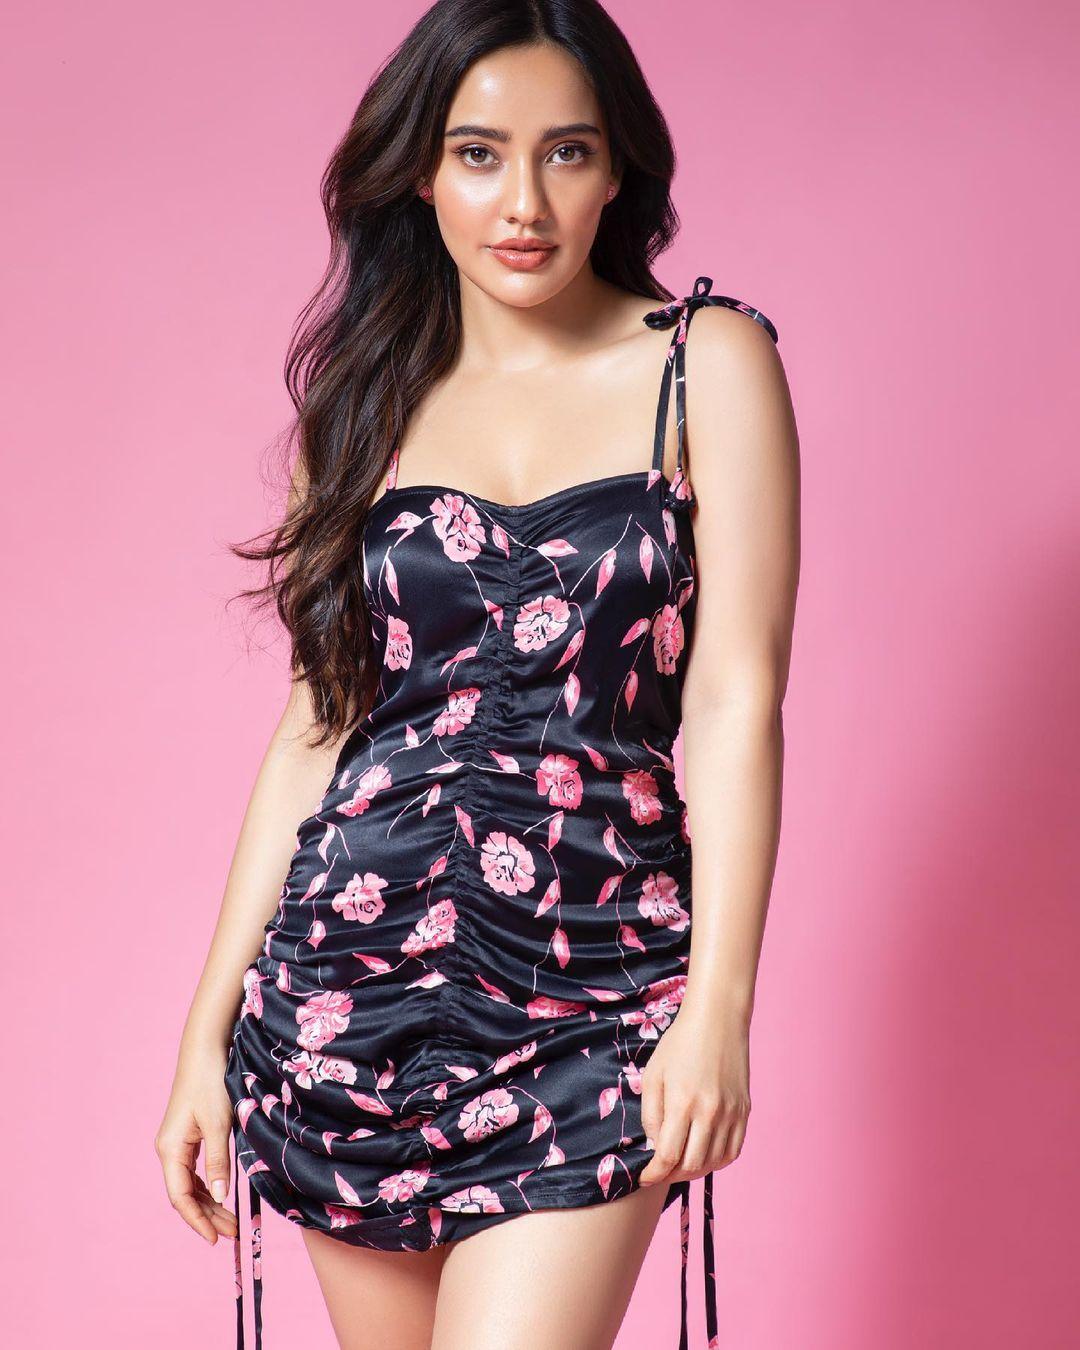 Neha Sharma Hot and Navel Photo shoot